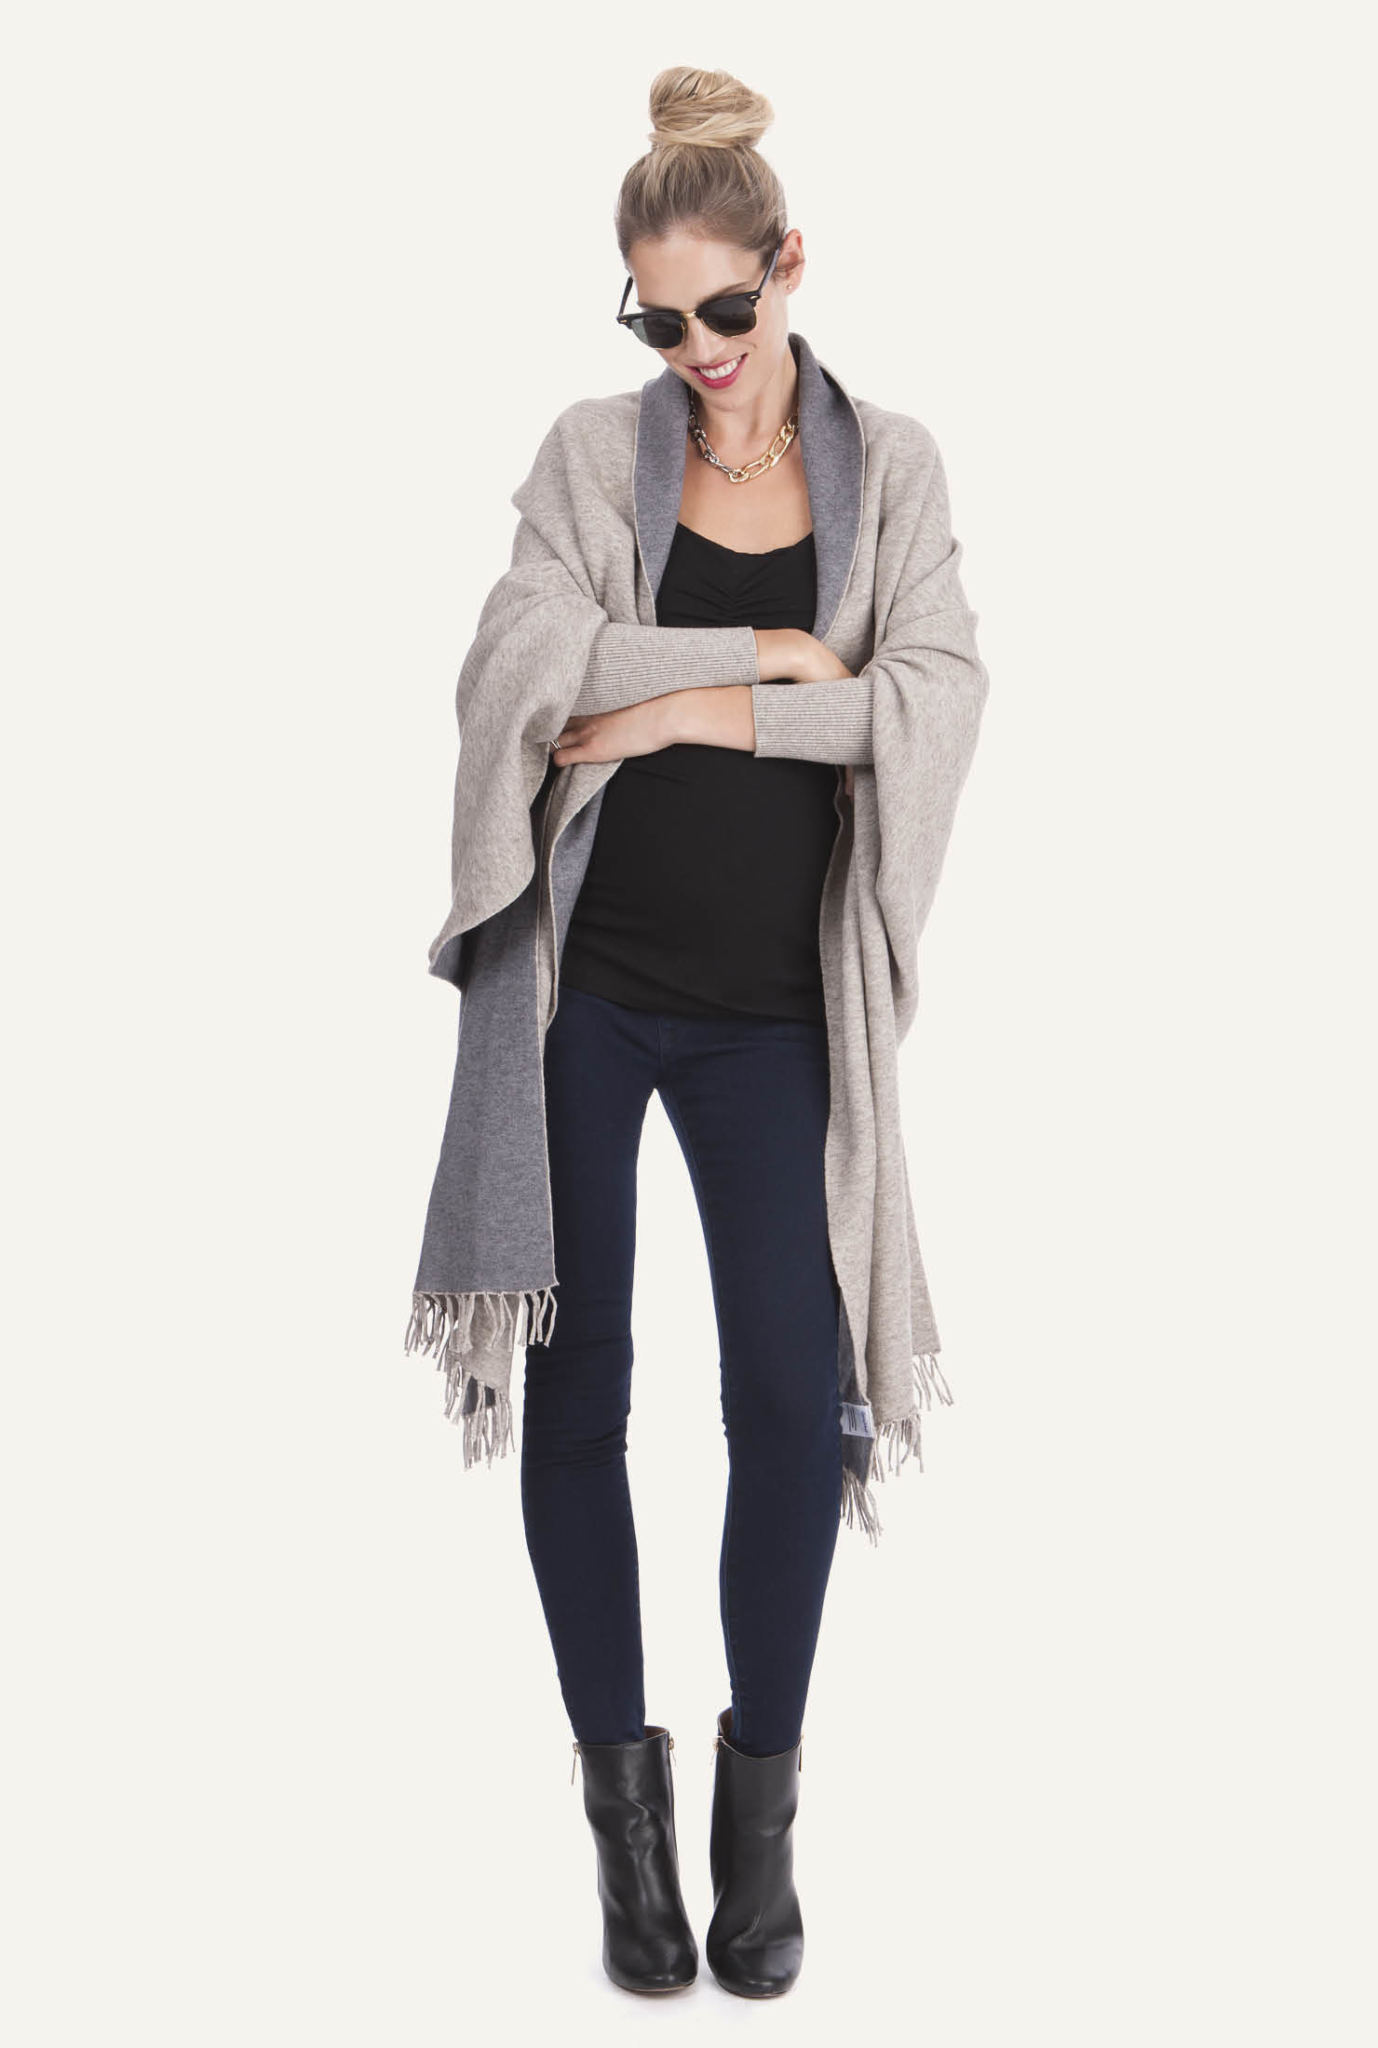 Entdecke neue Winter Umstandsmode Styles bei Mamarella